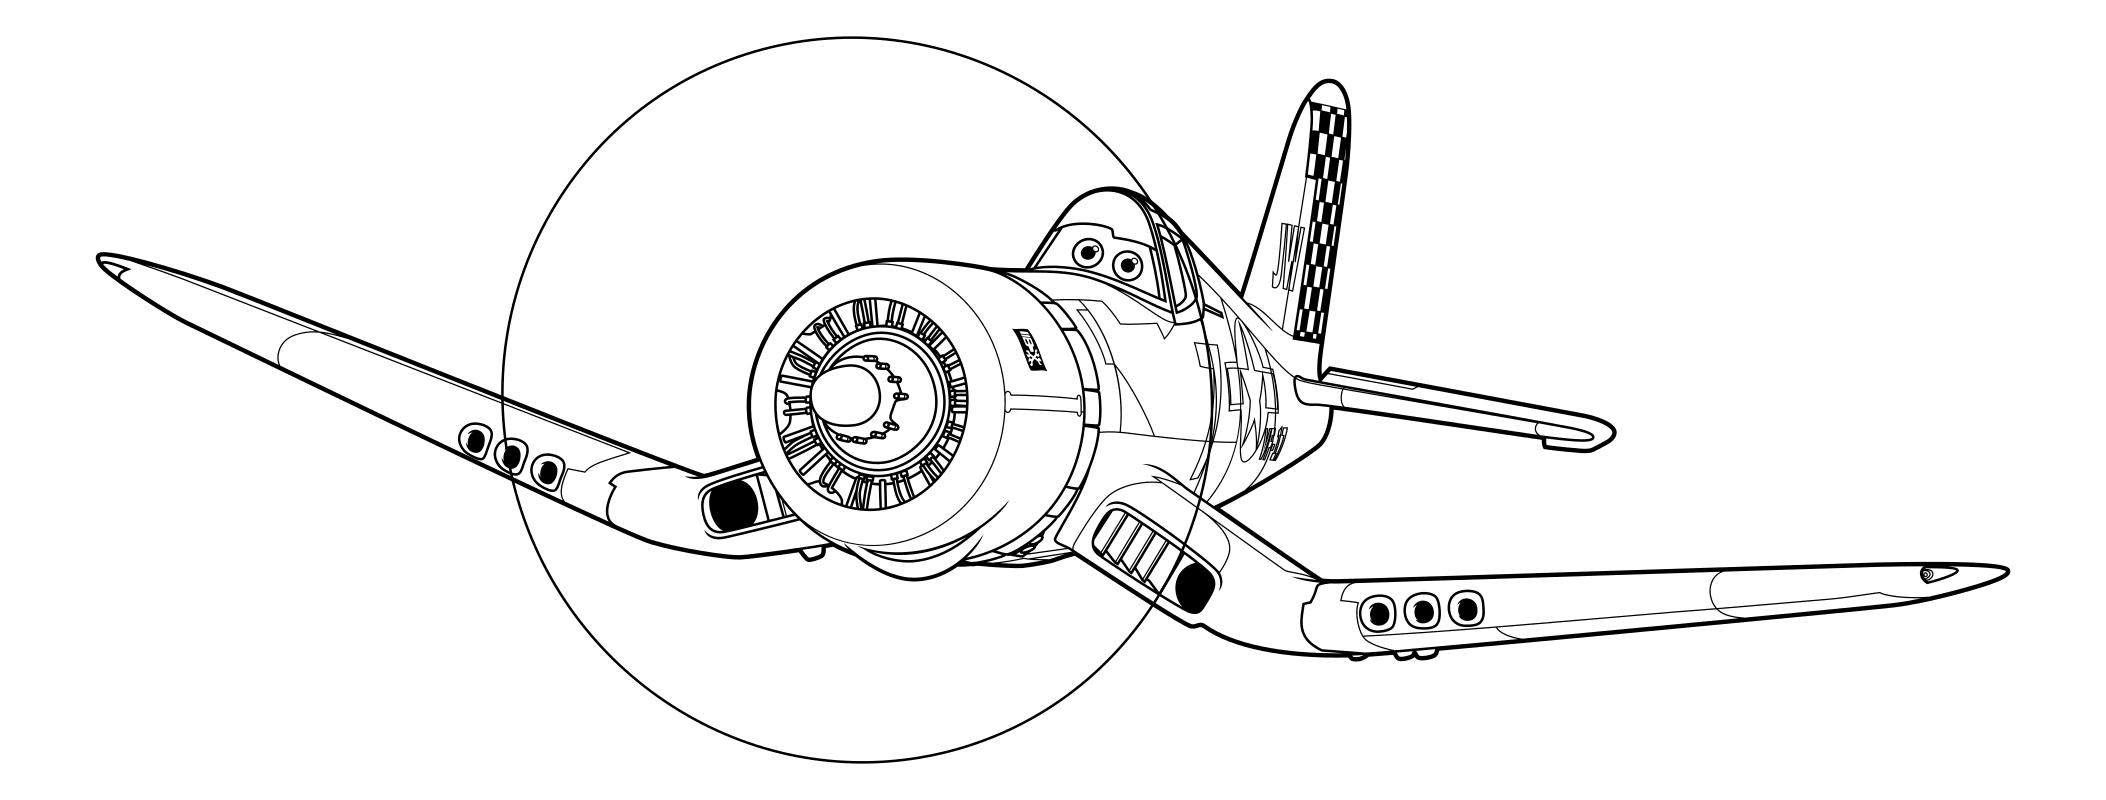 раскраска самолеты шкипер райли Mirchild